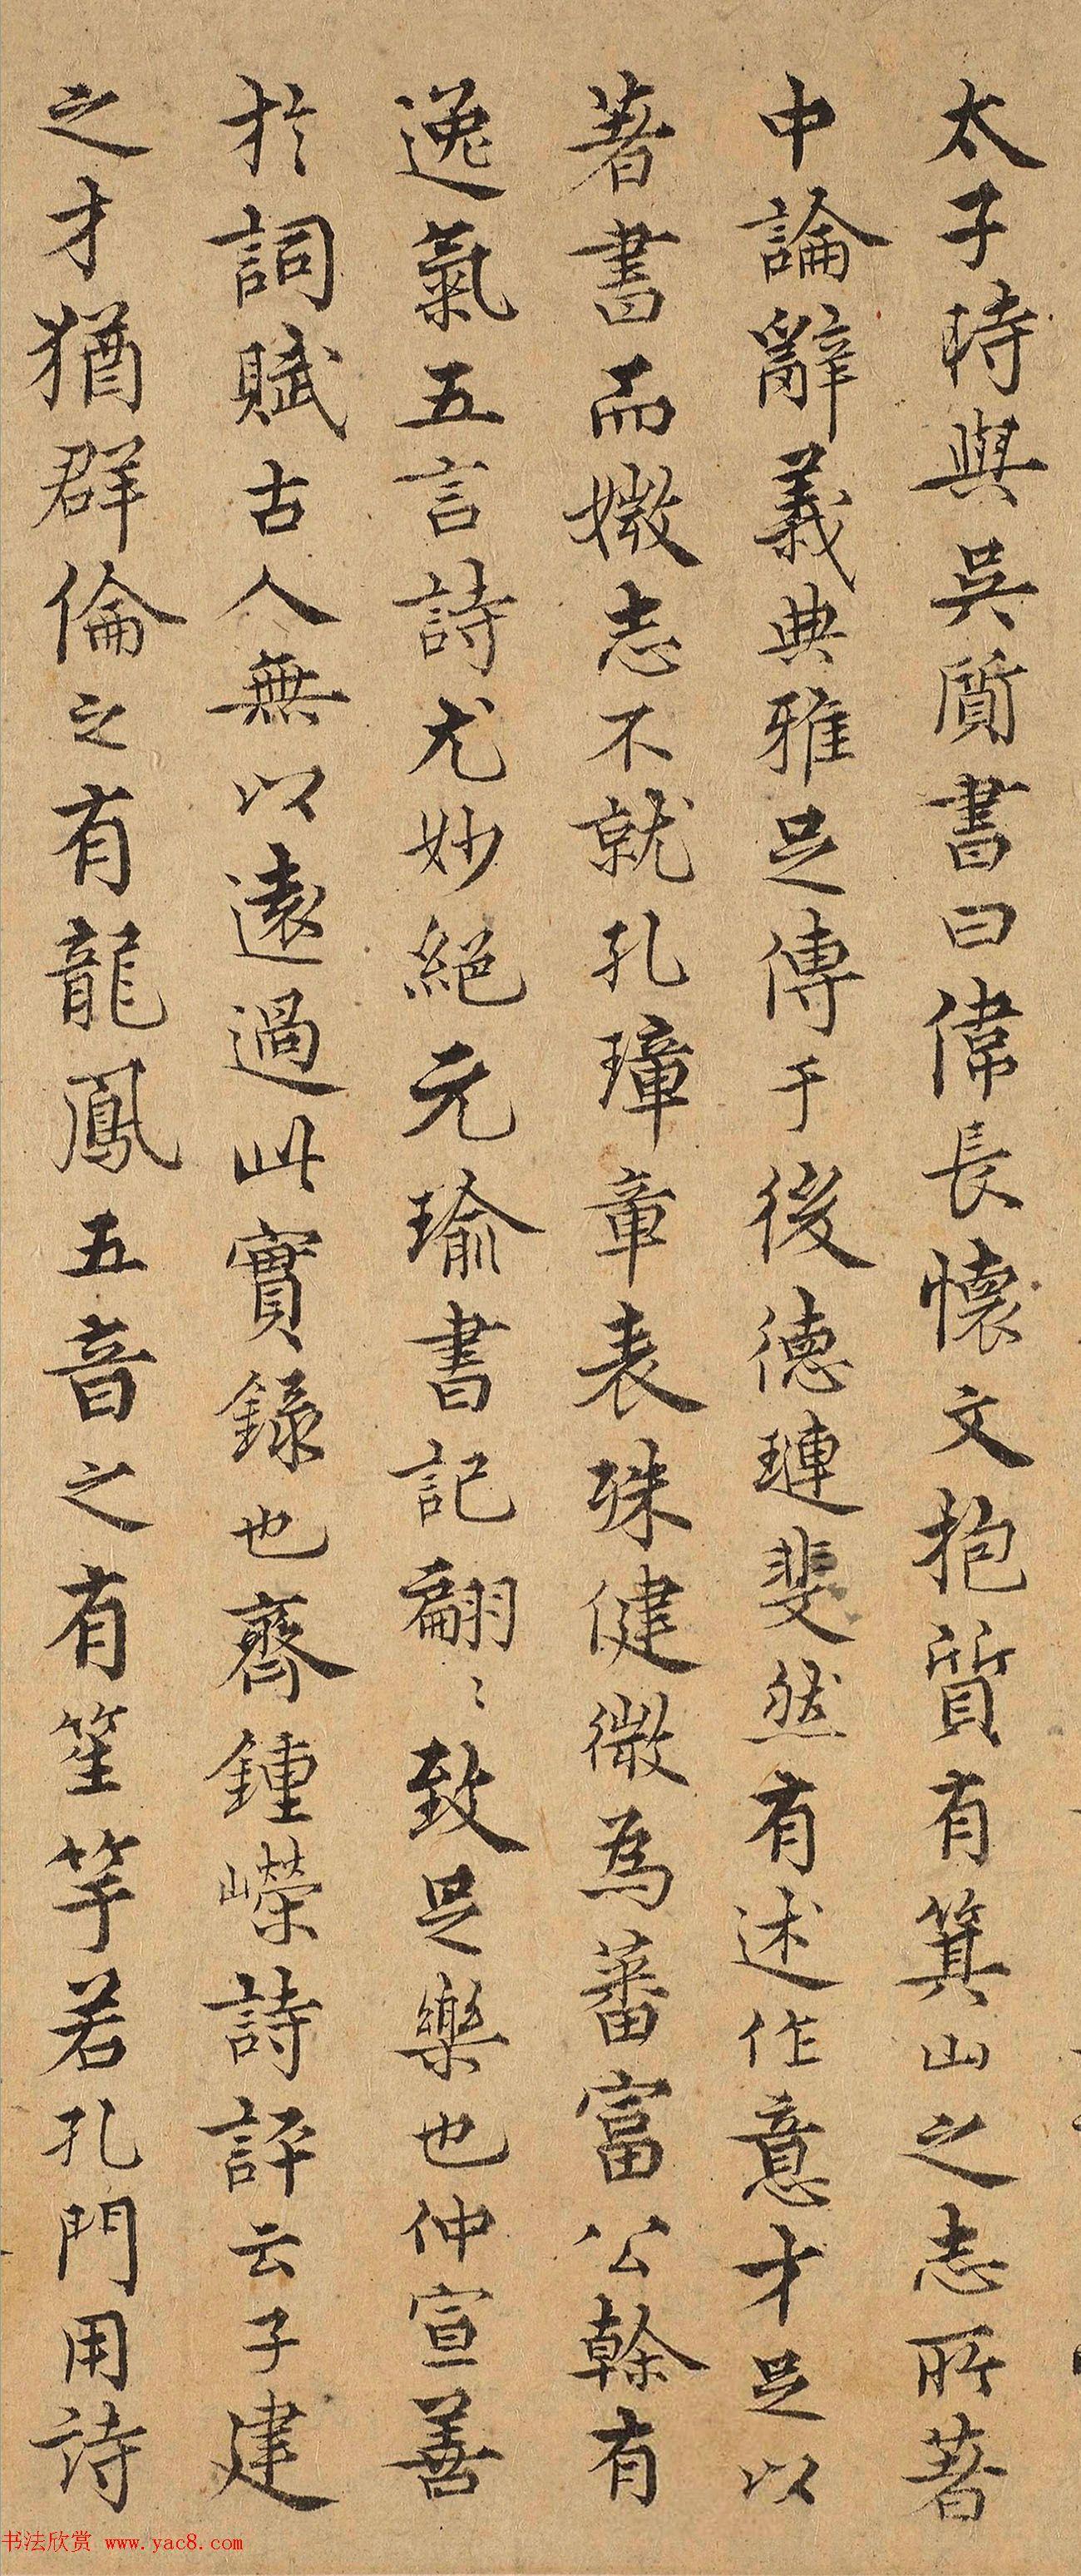 明代金问小字行楷书建安七才子入关图后